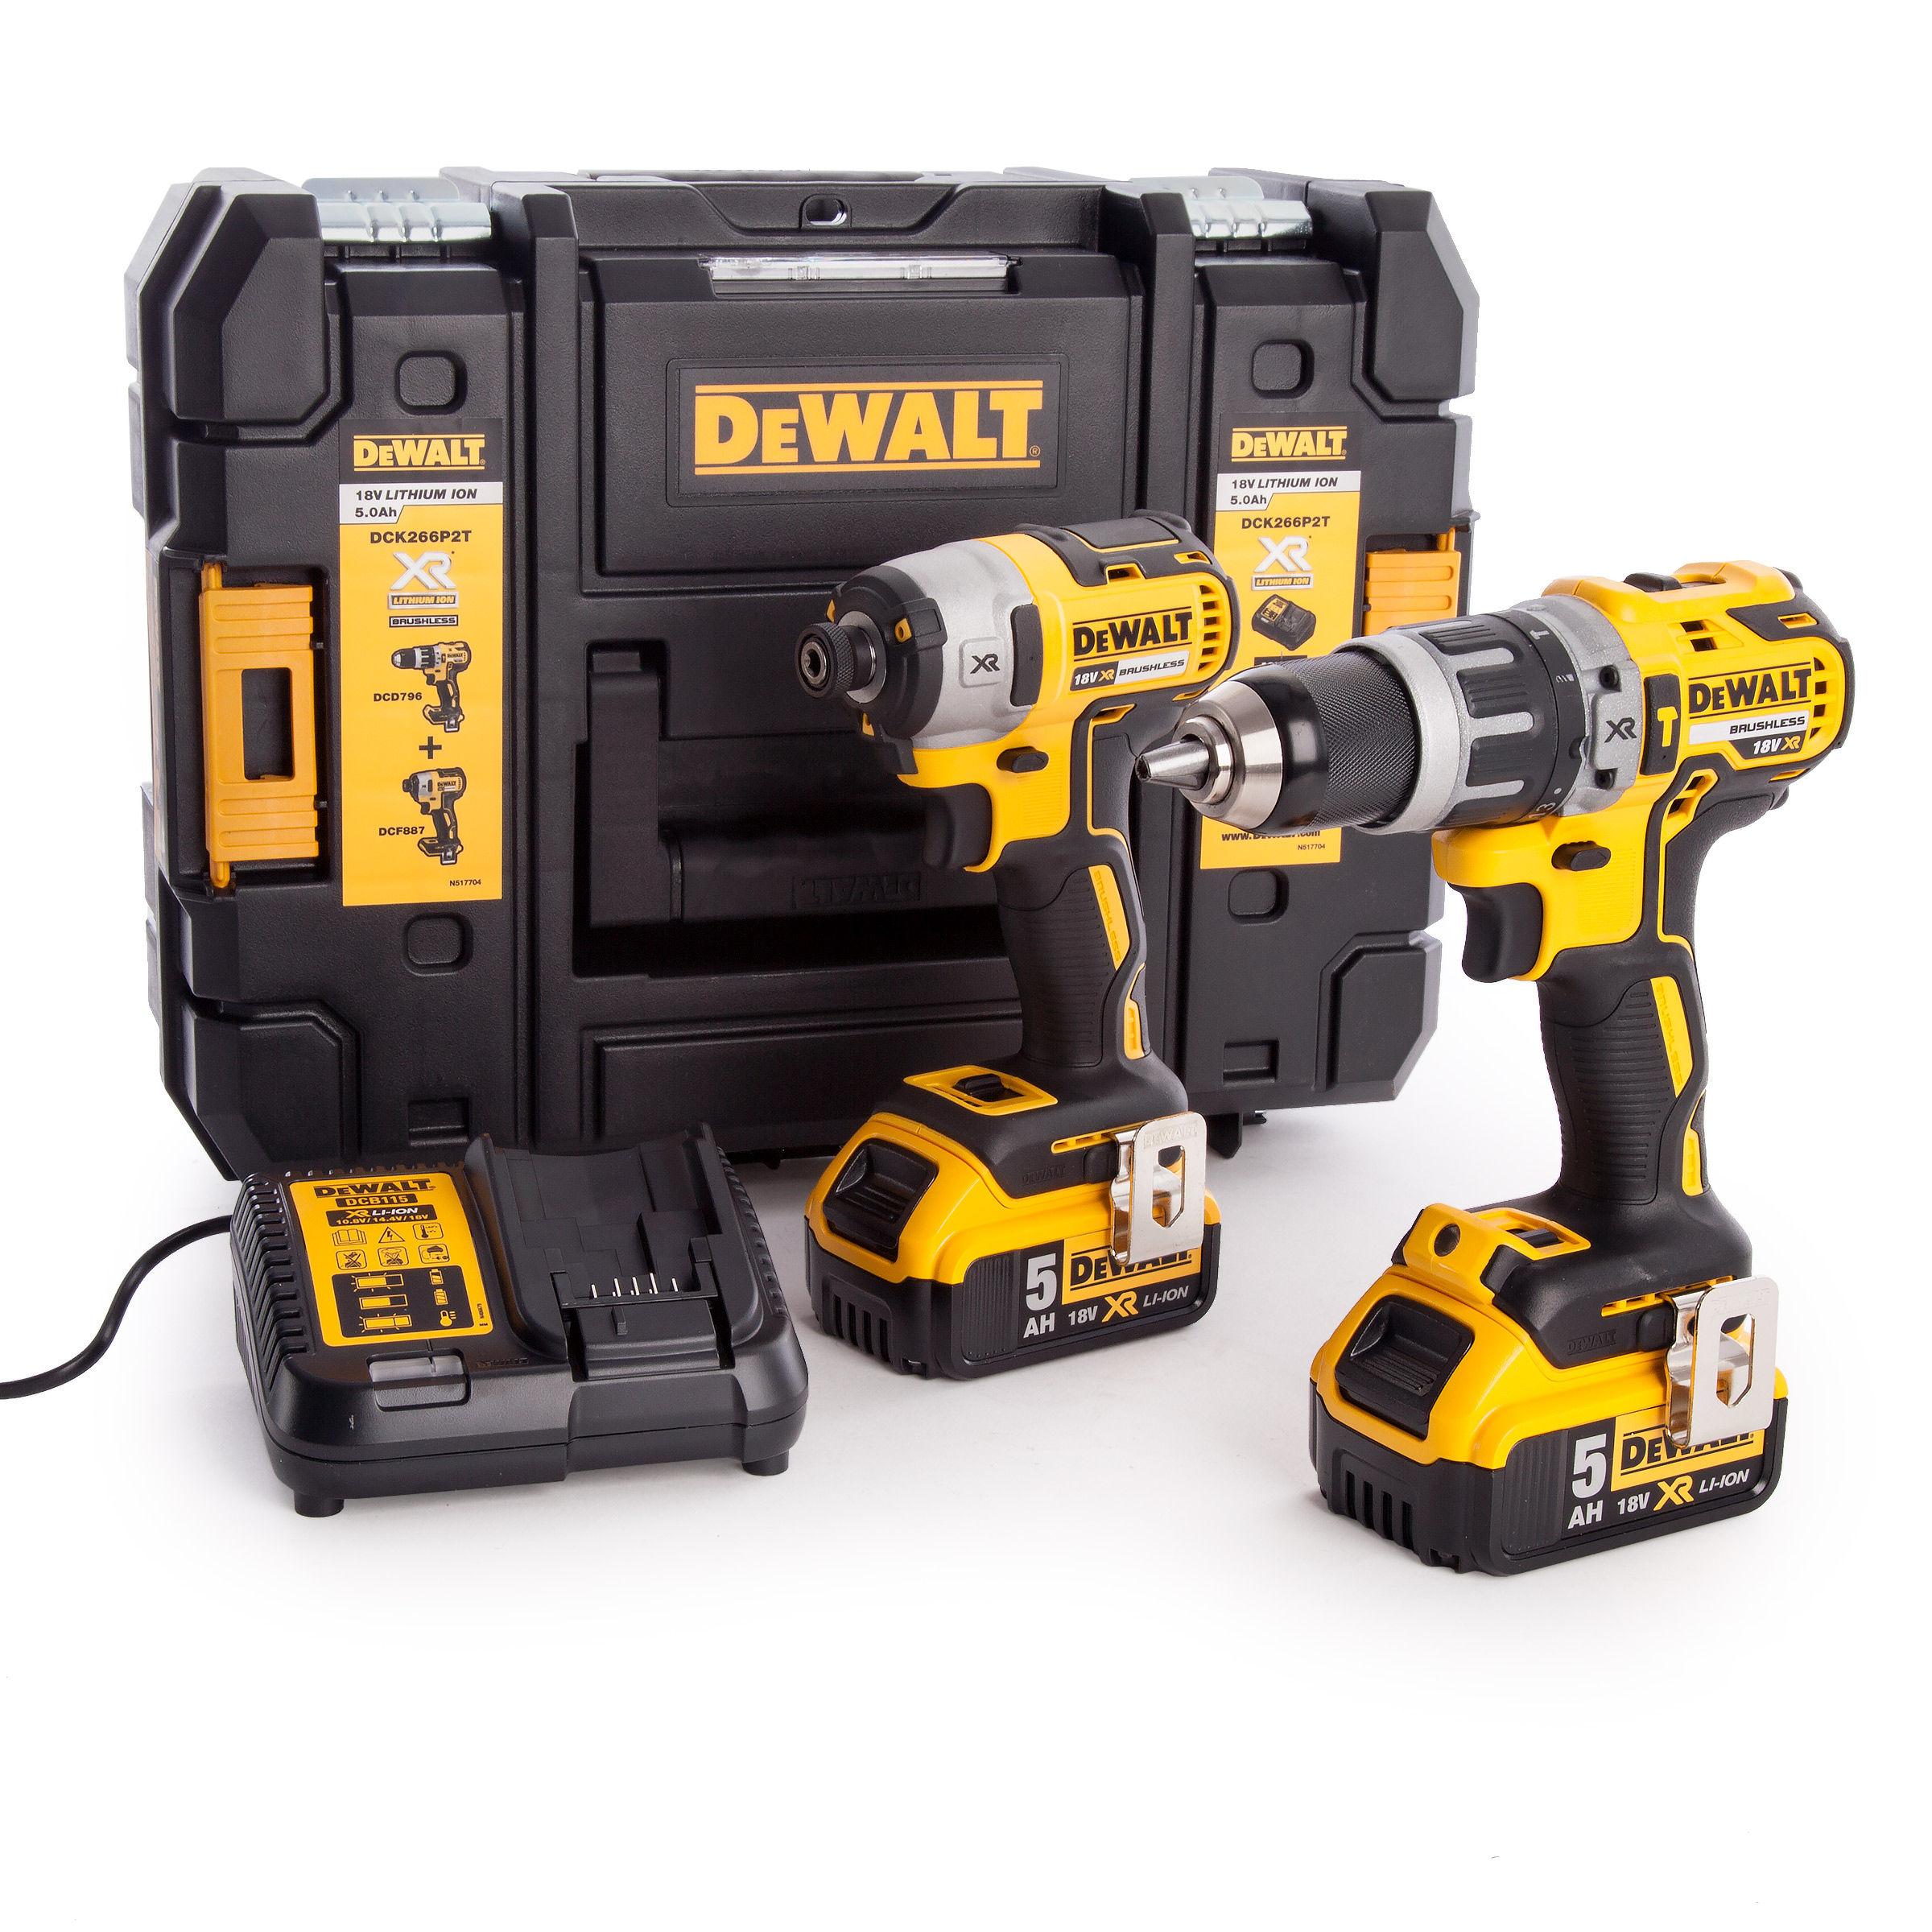 toolstop dewalt dck266p2t combi drill and impact driver xr. Black Bedroom Furniture Sets. Home Design Ideas